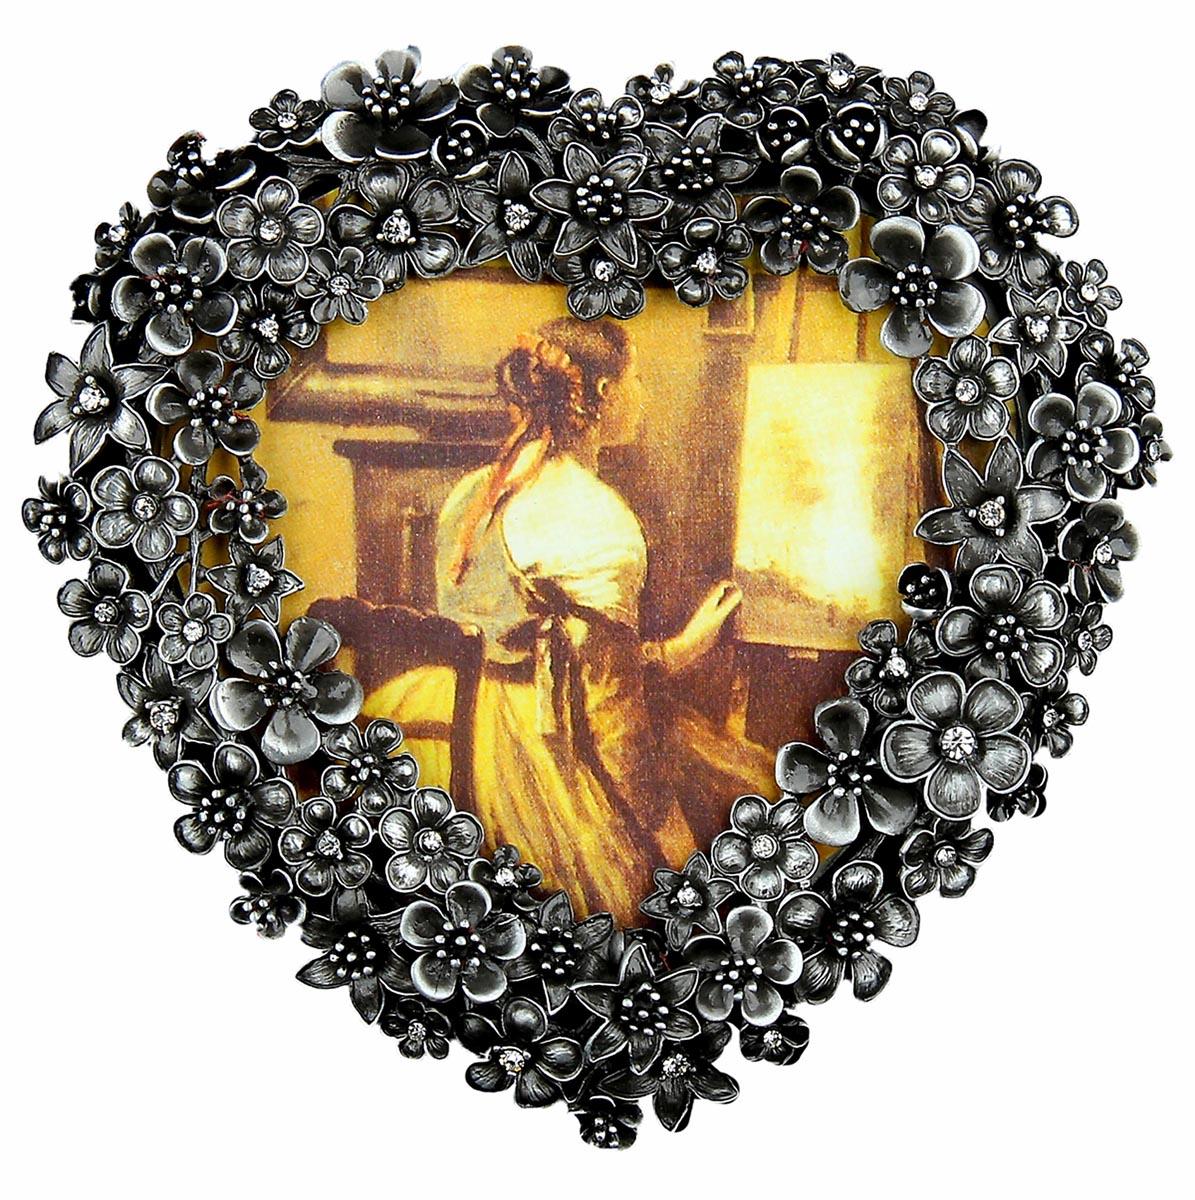 Фоторамка Цветочное сердце со стразами, 9х13 см. 10206951020695Не стоит ломать голову над тем, что подарить Вашим родным и близким, ведь, эта великолепная Фоторамка Цветочное сердце со стразами, 9х13 см будет как раз кстати. Непревзойденная форма, яркий блеск, переливающийся в лучах света и, конечно же, любимая фотография: поистине прекрасная композиция. Фоторамка которой хочется бесконечно любоваться и восхищаться!